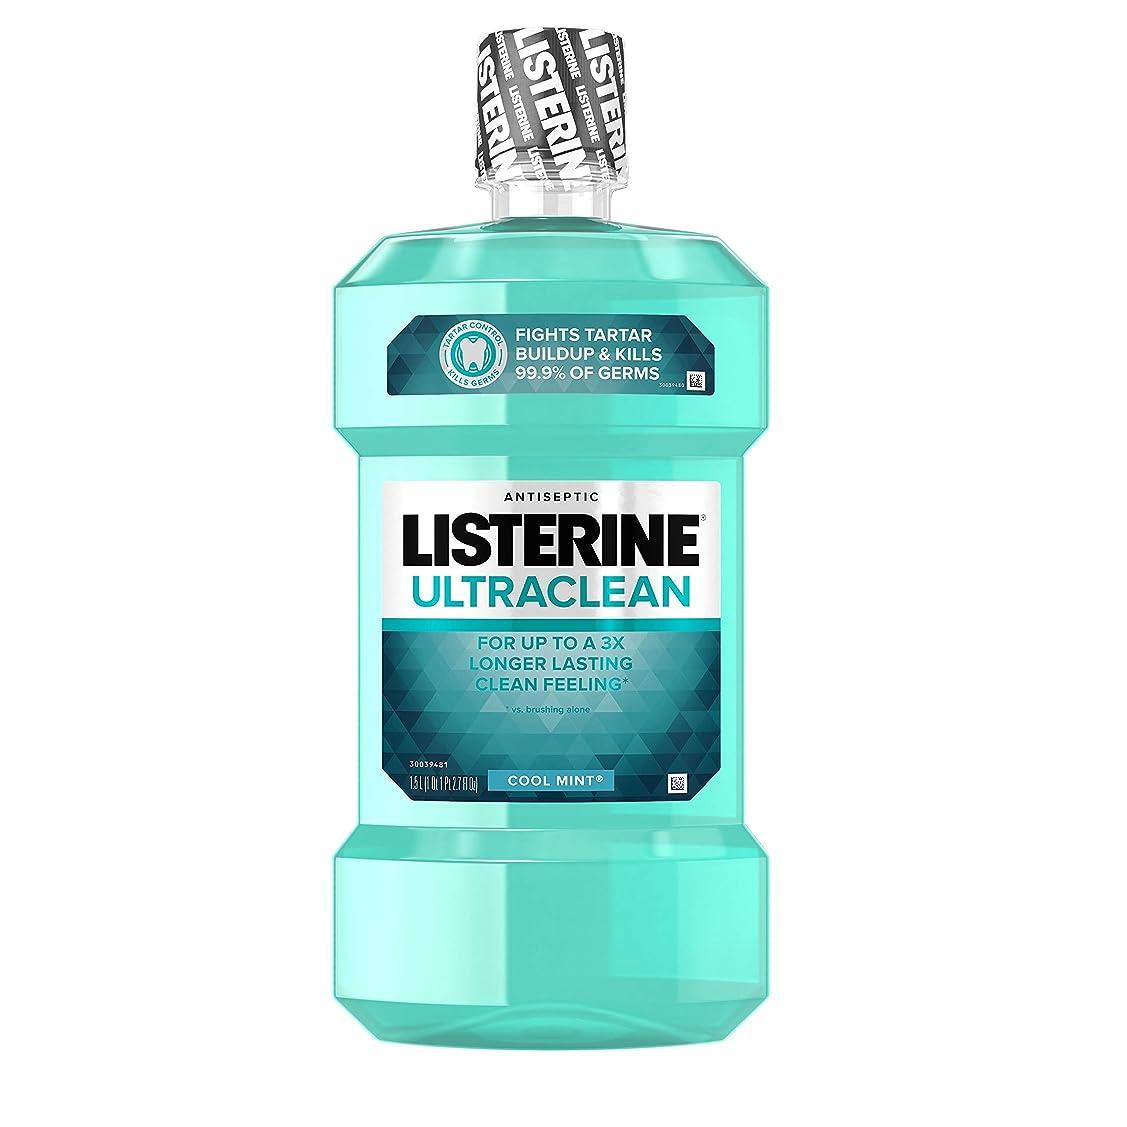 火傷ある抜け目のないListerine ウルトラクリーンEverfresh技術とオーラルケア消毒うがい薬1.5 L、ミントクール、口臭、歯肉炎、歯垢および歯石を戦うのを助けるために、6パック